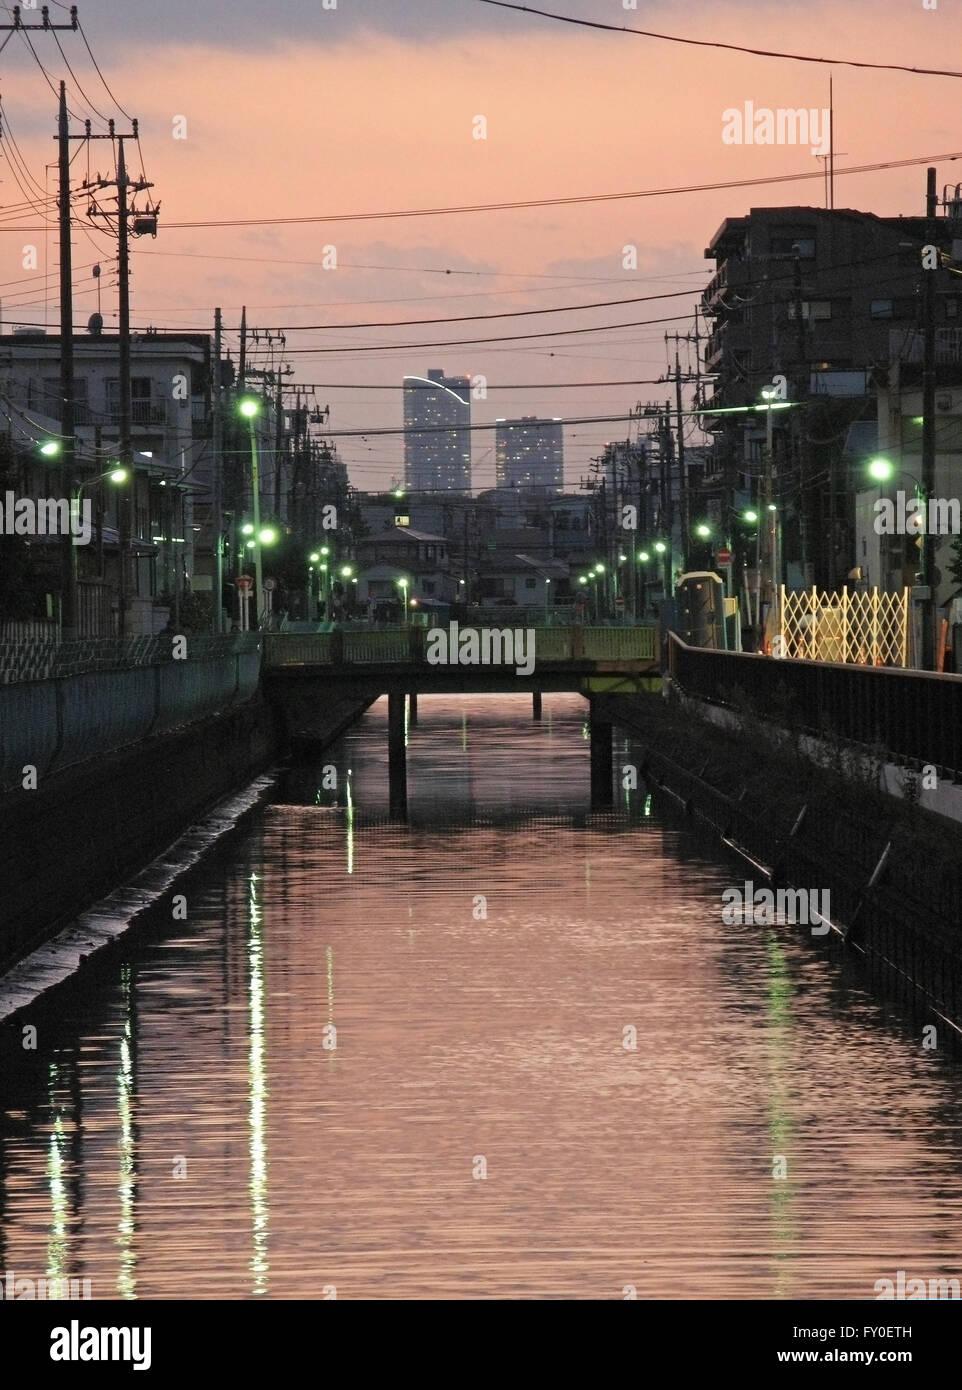 canal at dusk Tokyo Japan - Stock Image